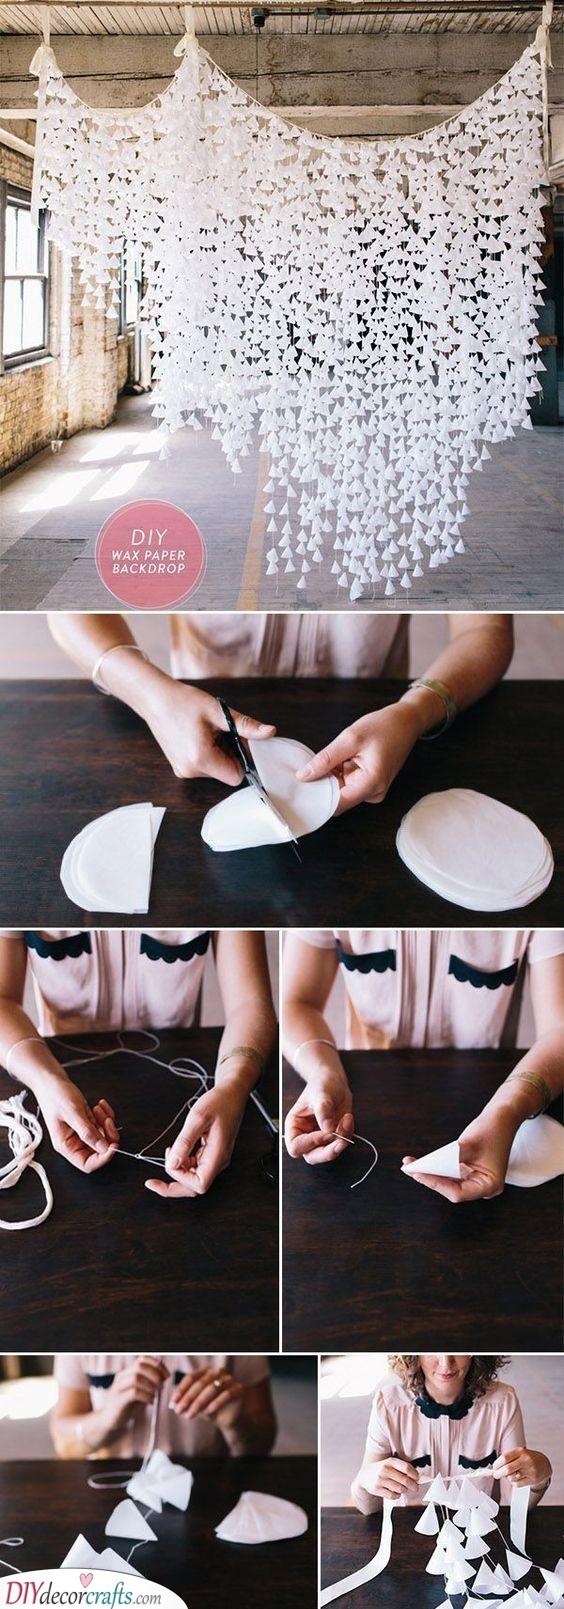 DIY Wax Paper Backdrop - Breathtaking Silver Wedding Decorations